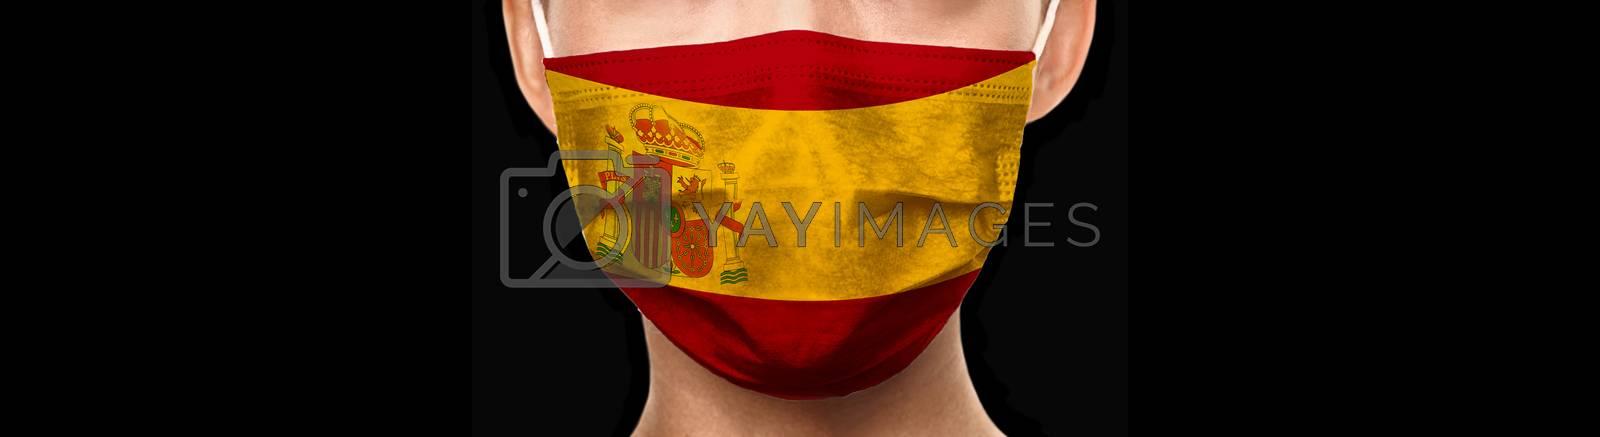 Spain flag doctor mask banner background for COVID-19 Coronavirus concept. Isolated on black by Maridav